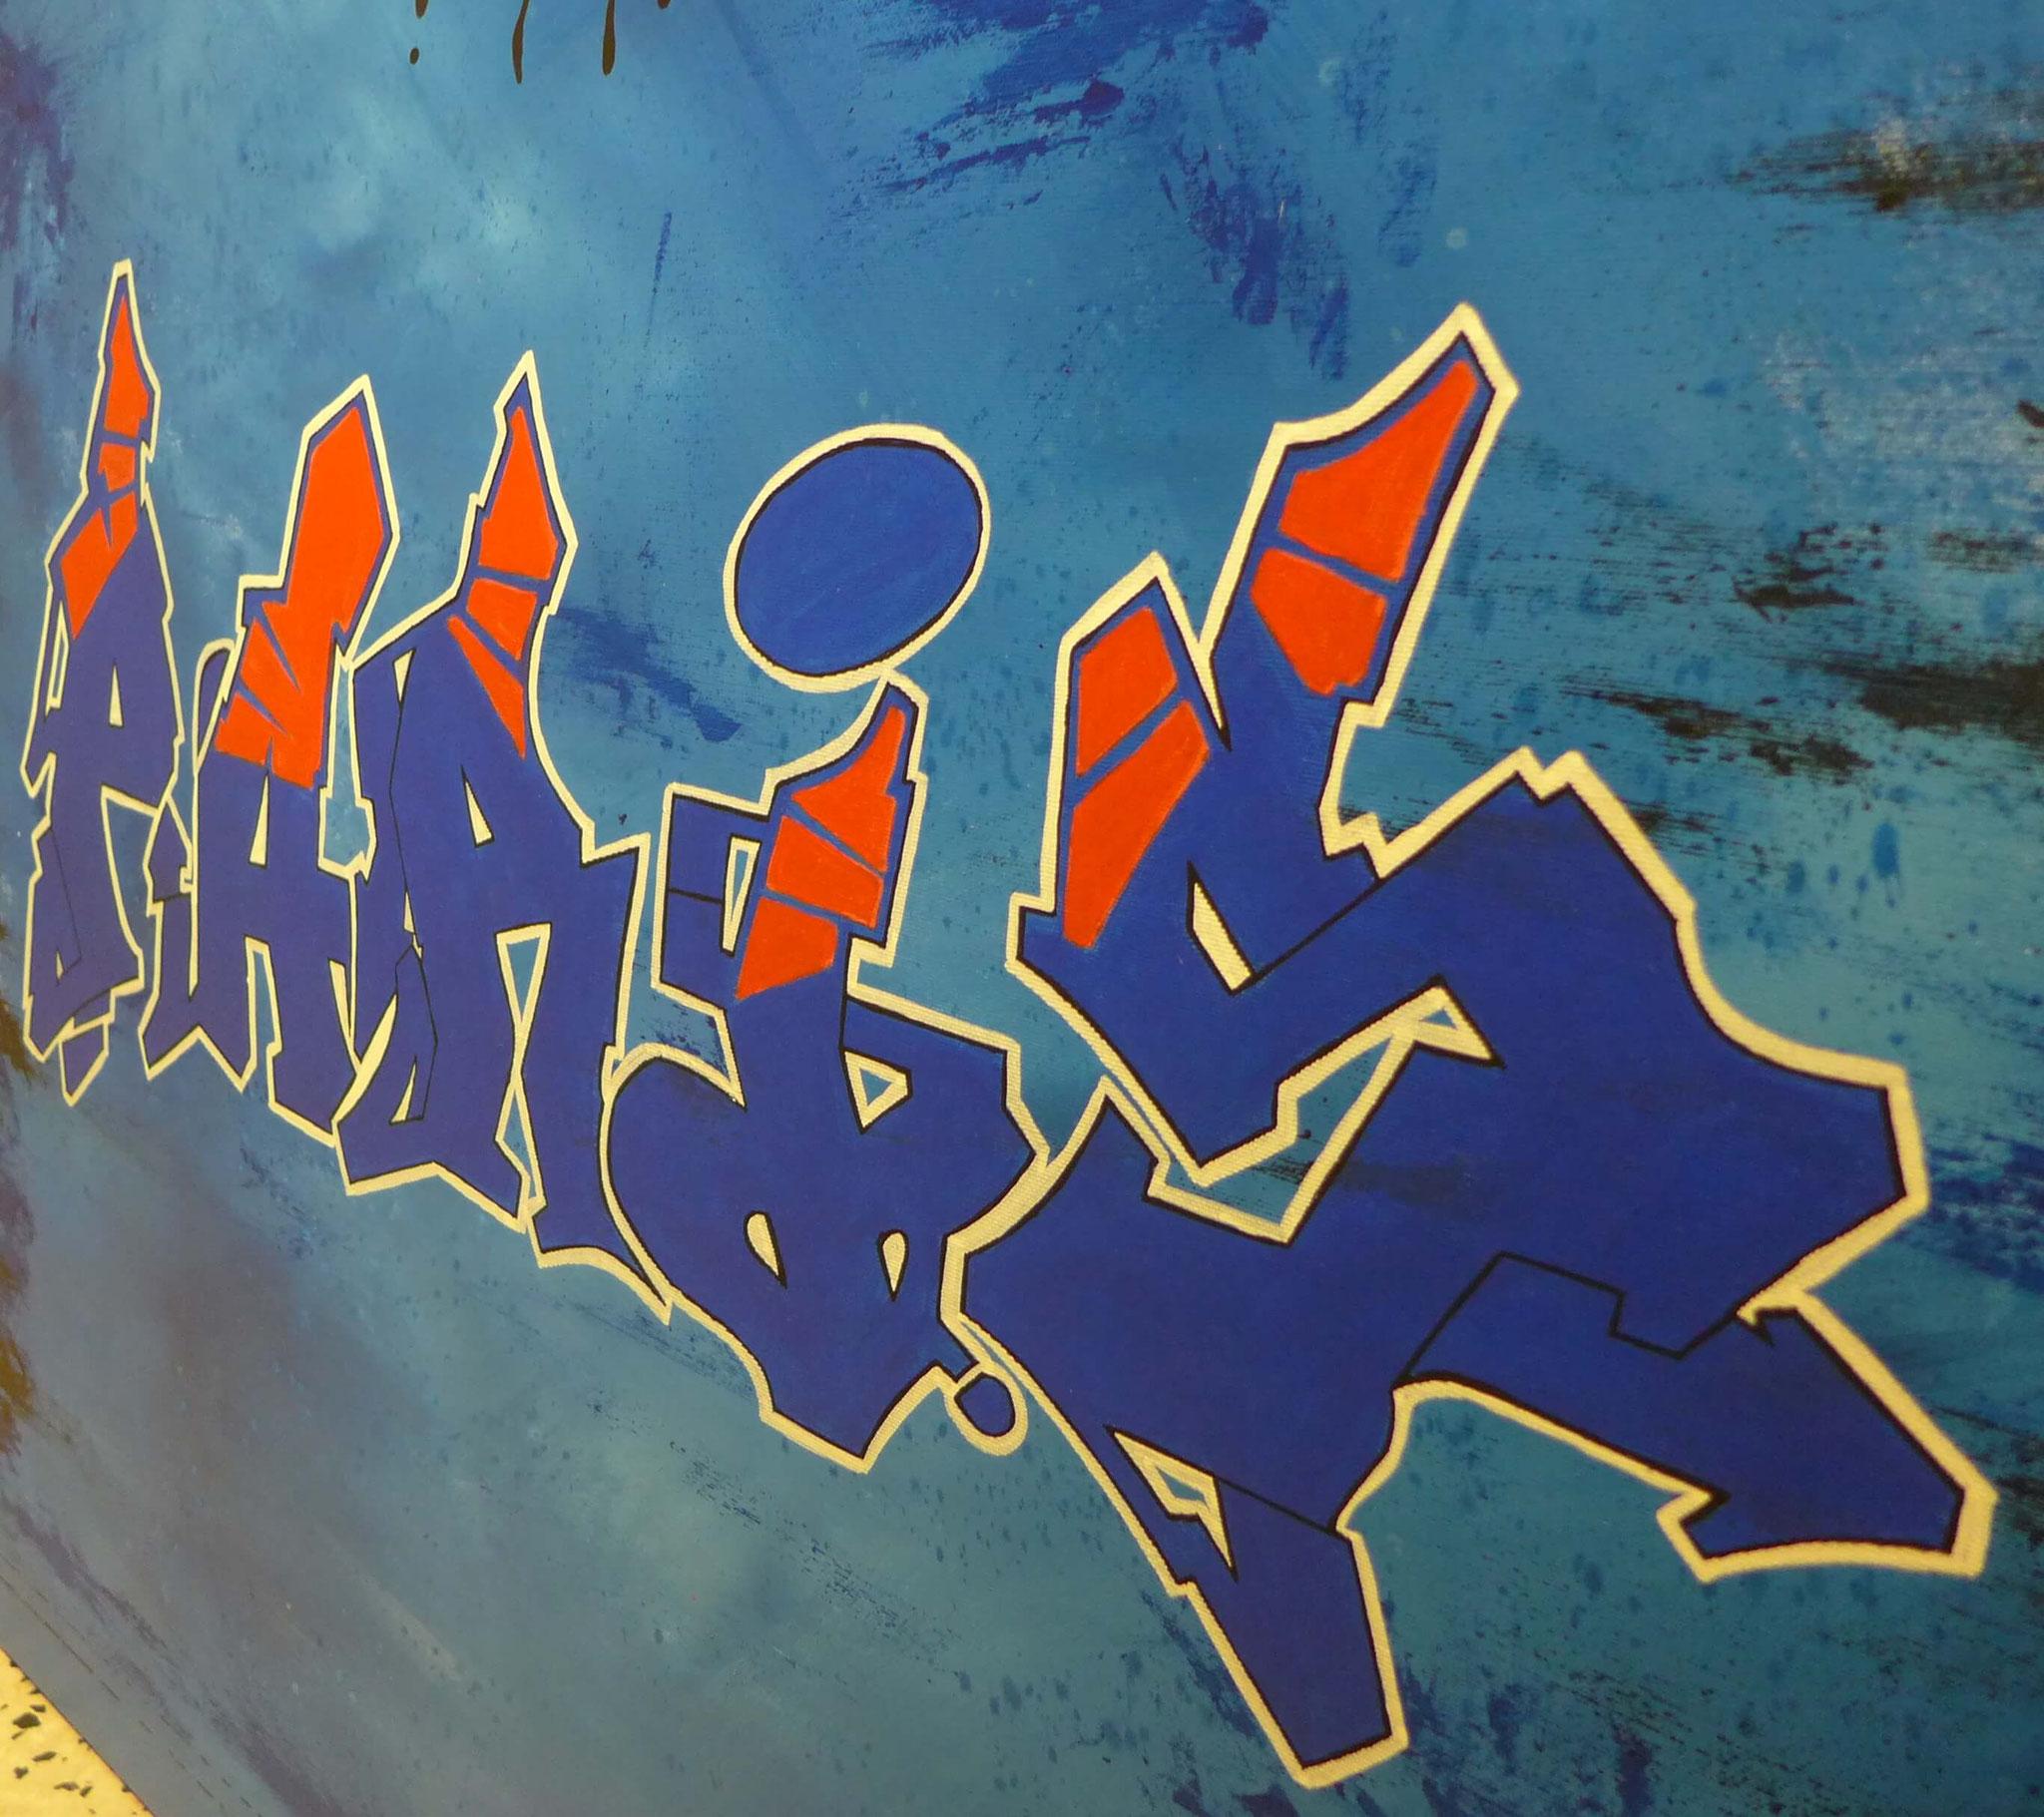 tableau-street-art-graffiti-psg.jpg